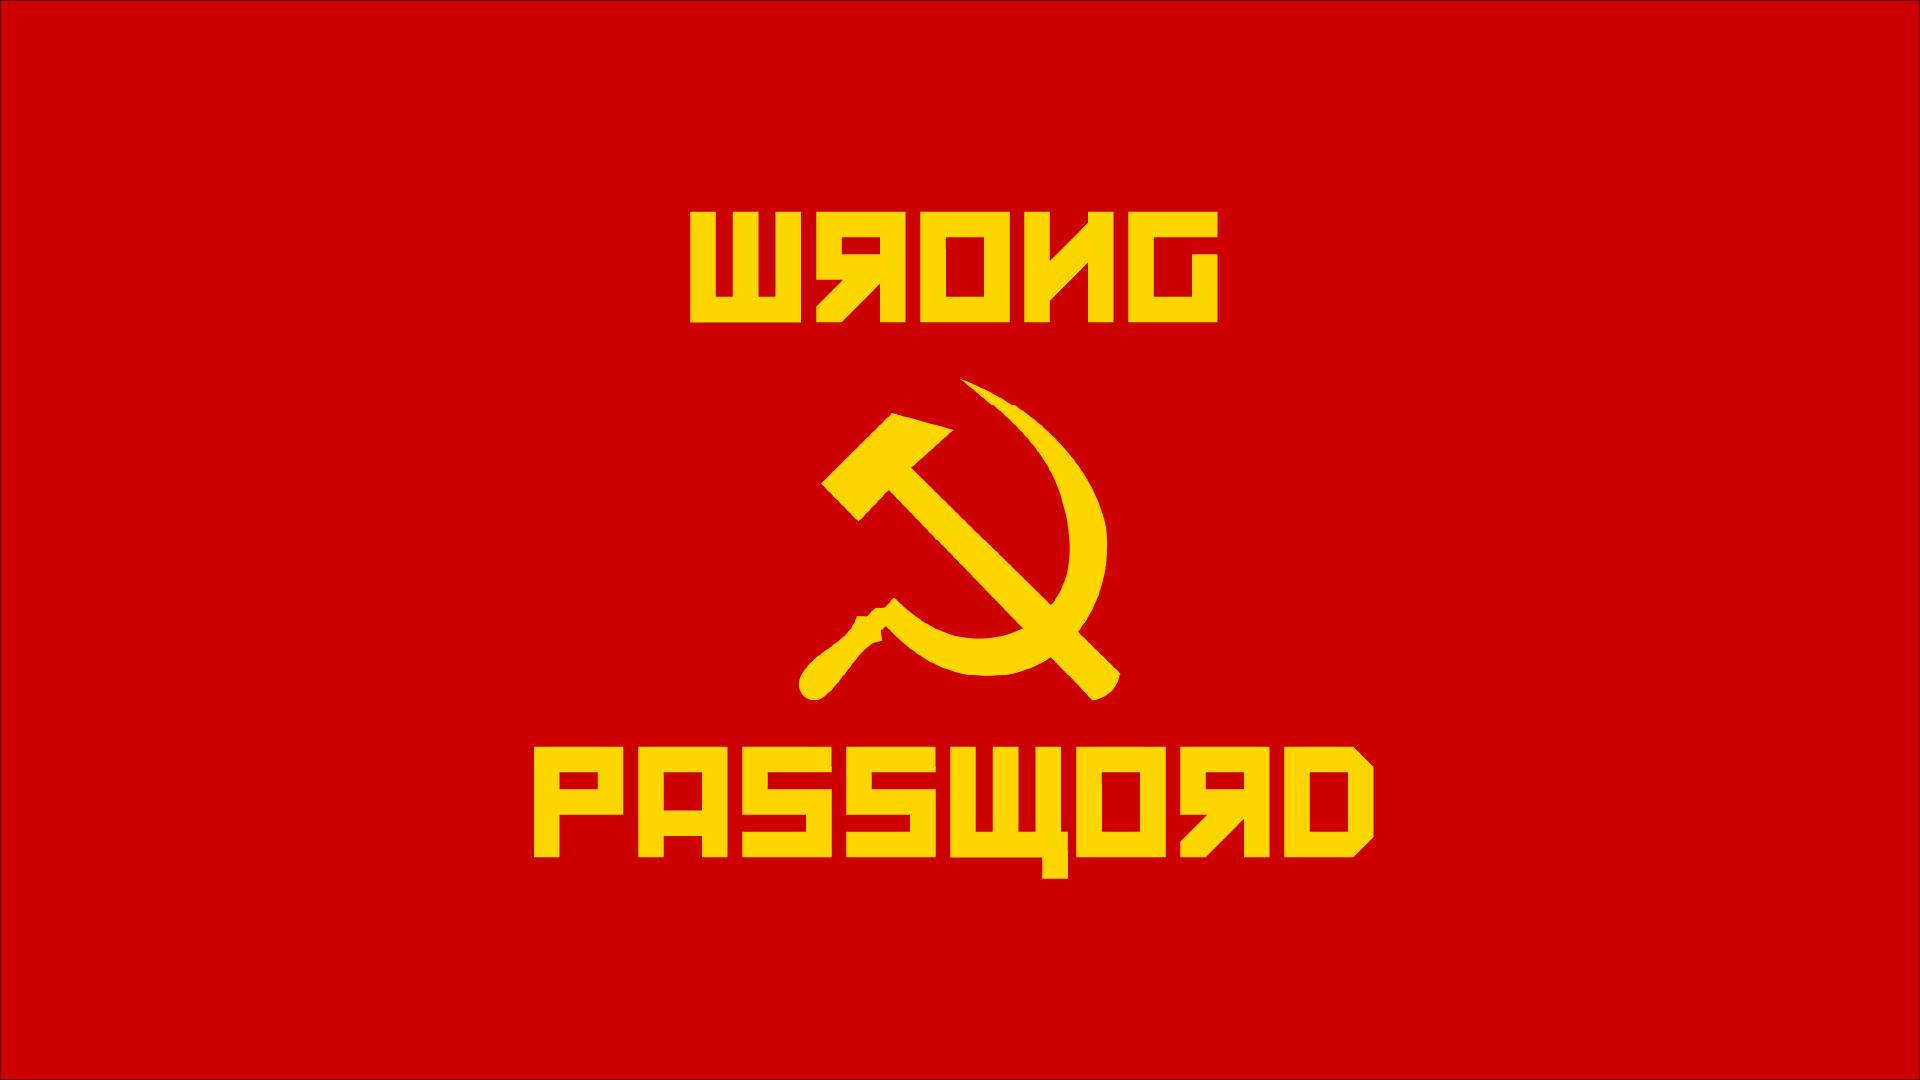 Wrong Password | My Rode Reel 2020